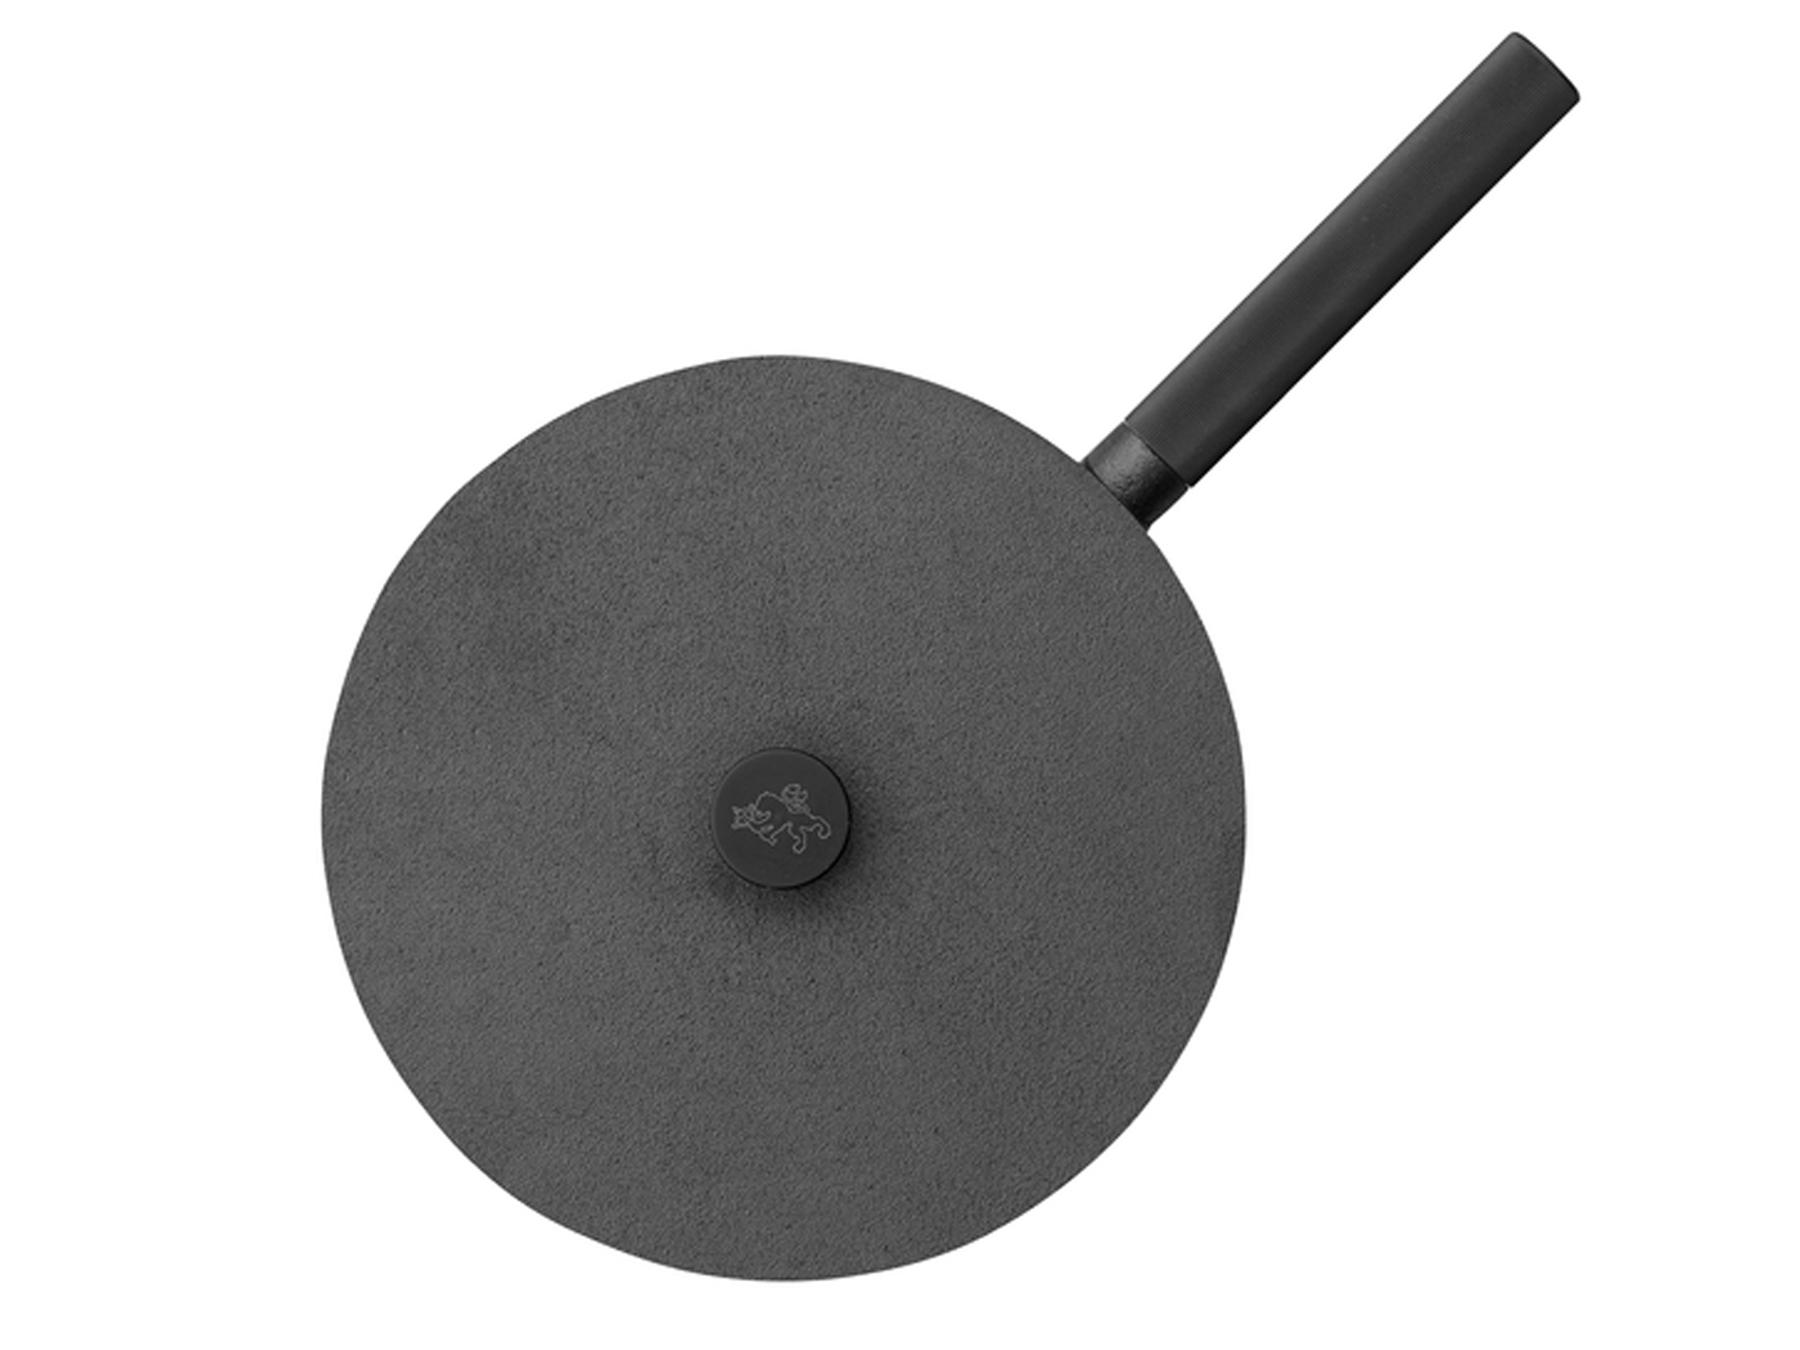 Skeppshult NOIR Schlemmerpfanne 28 cm mit Deckel